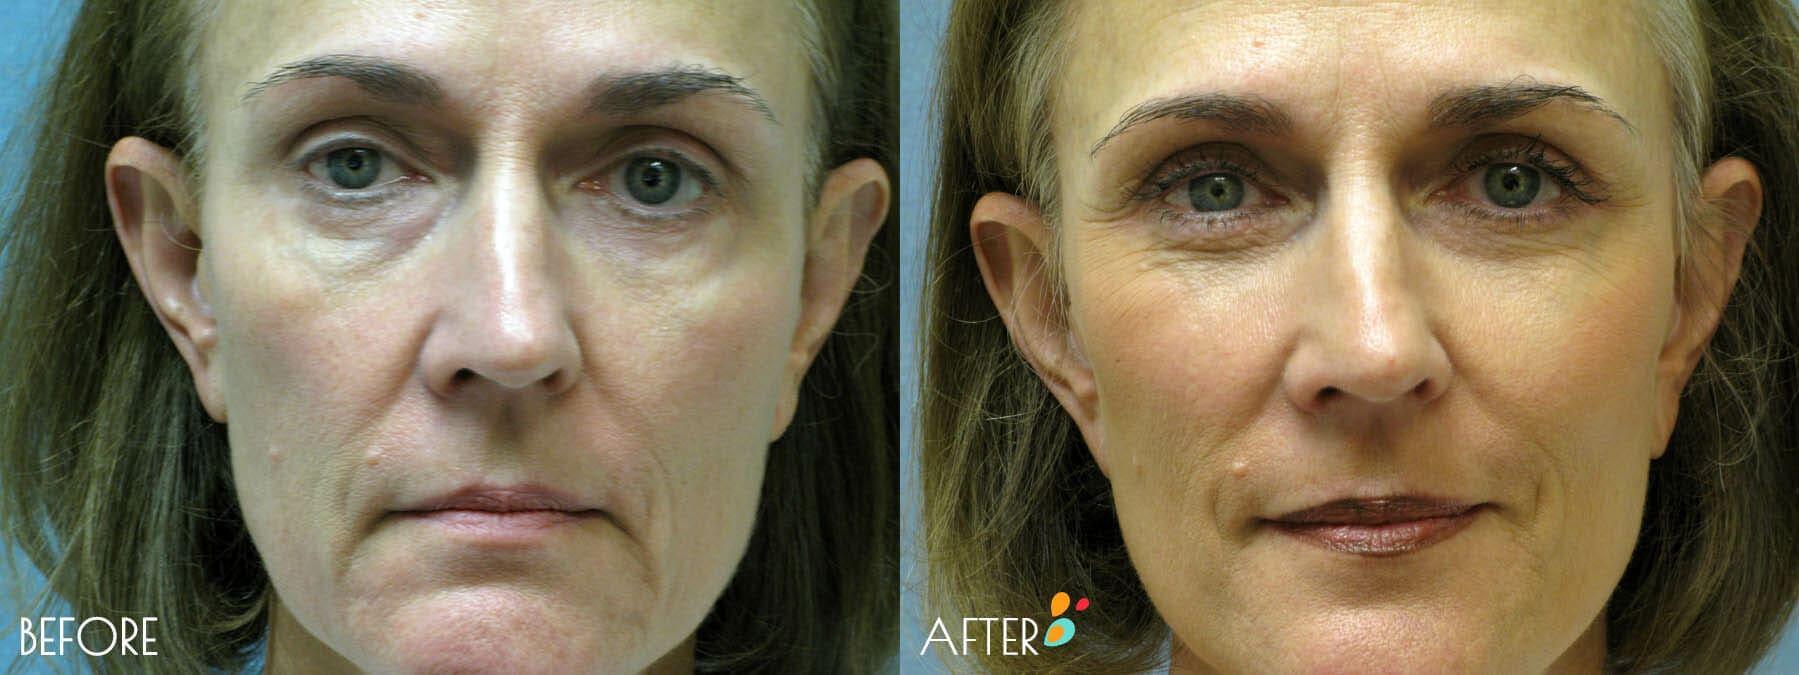 Face Lift Patient 05, Closeup